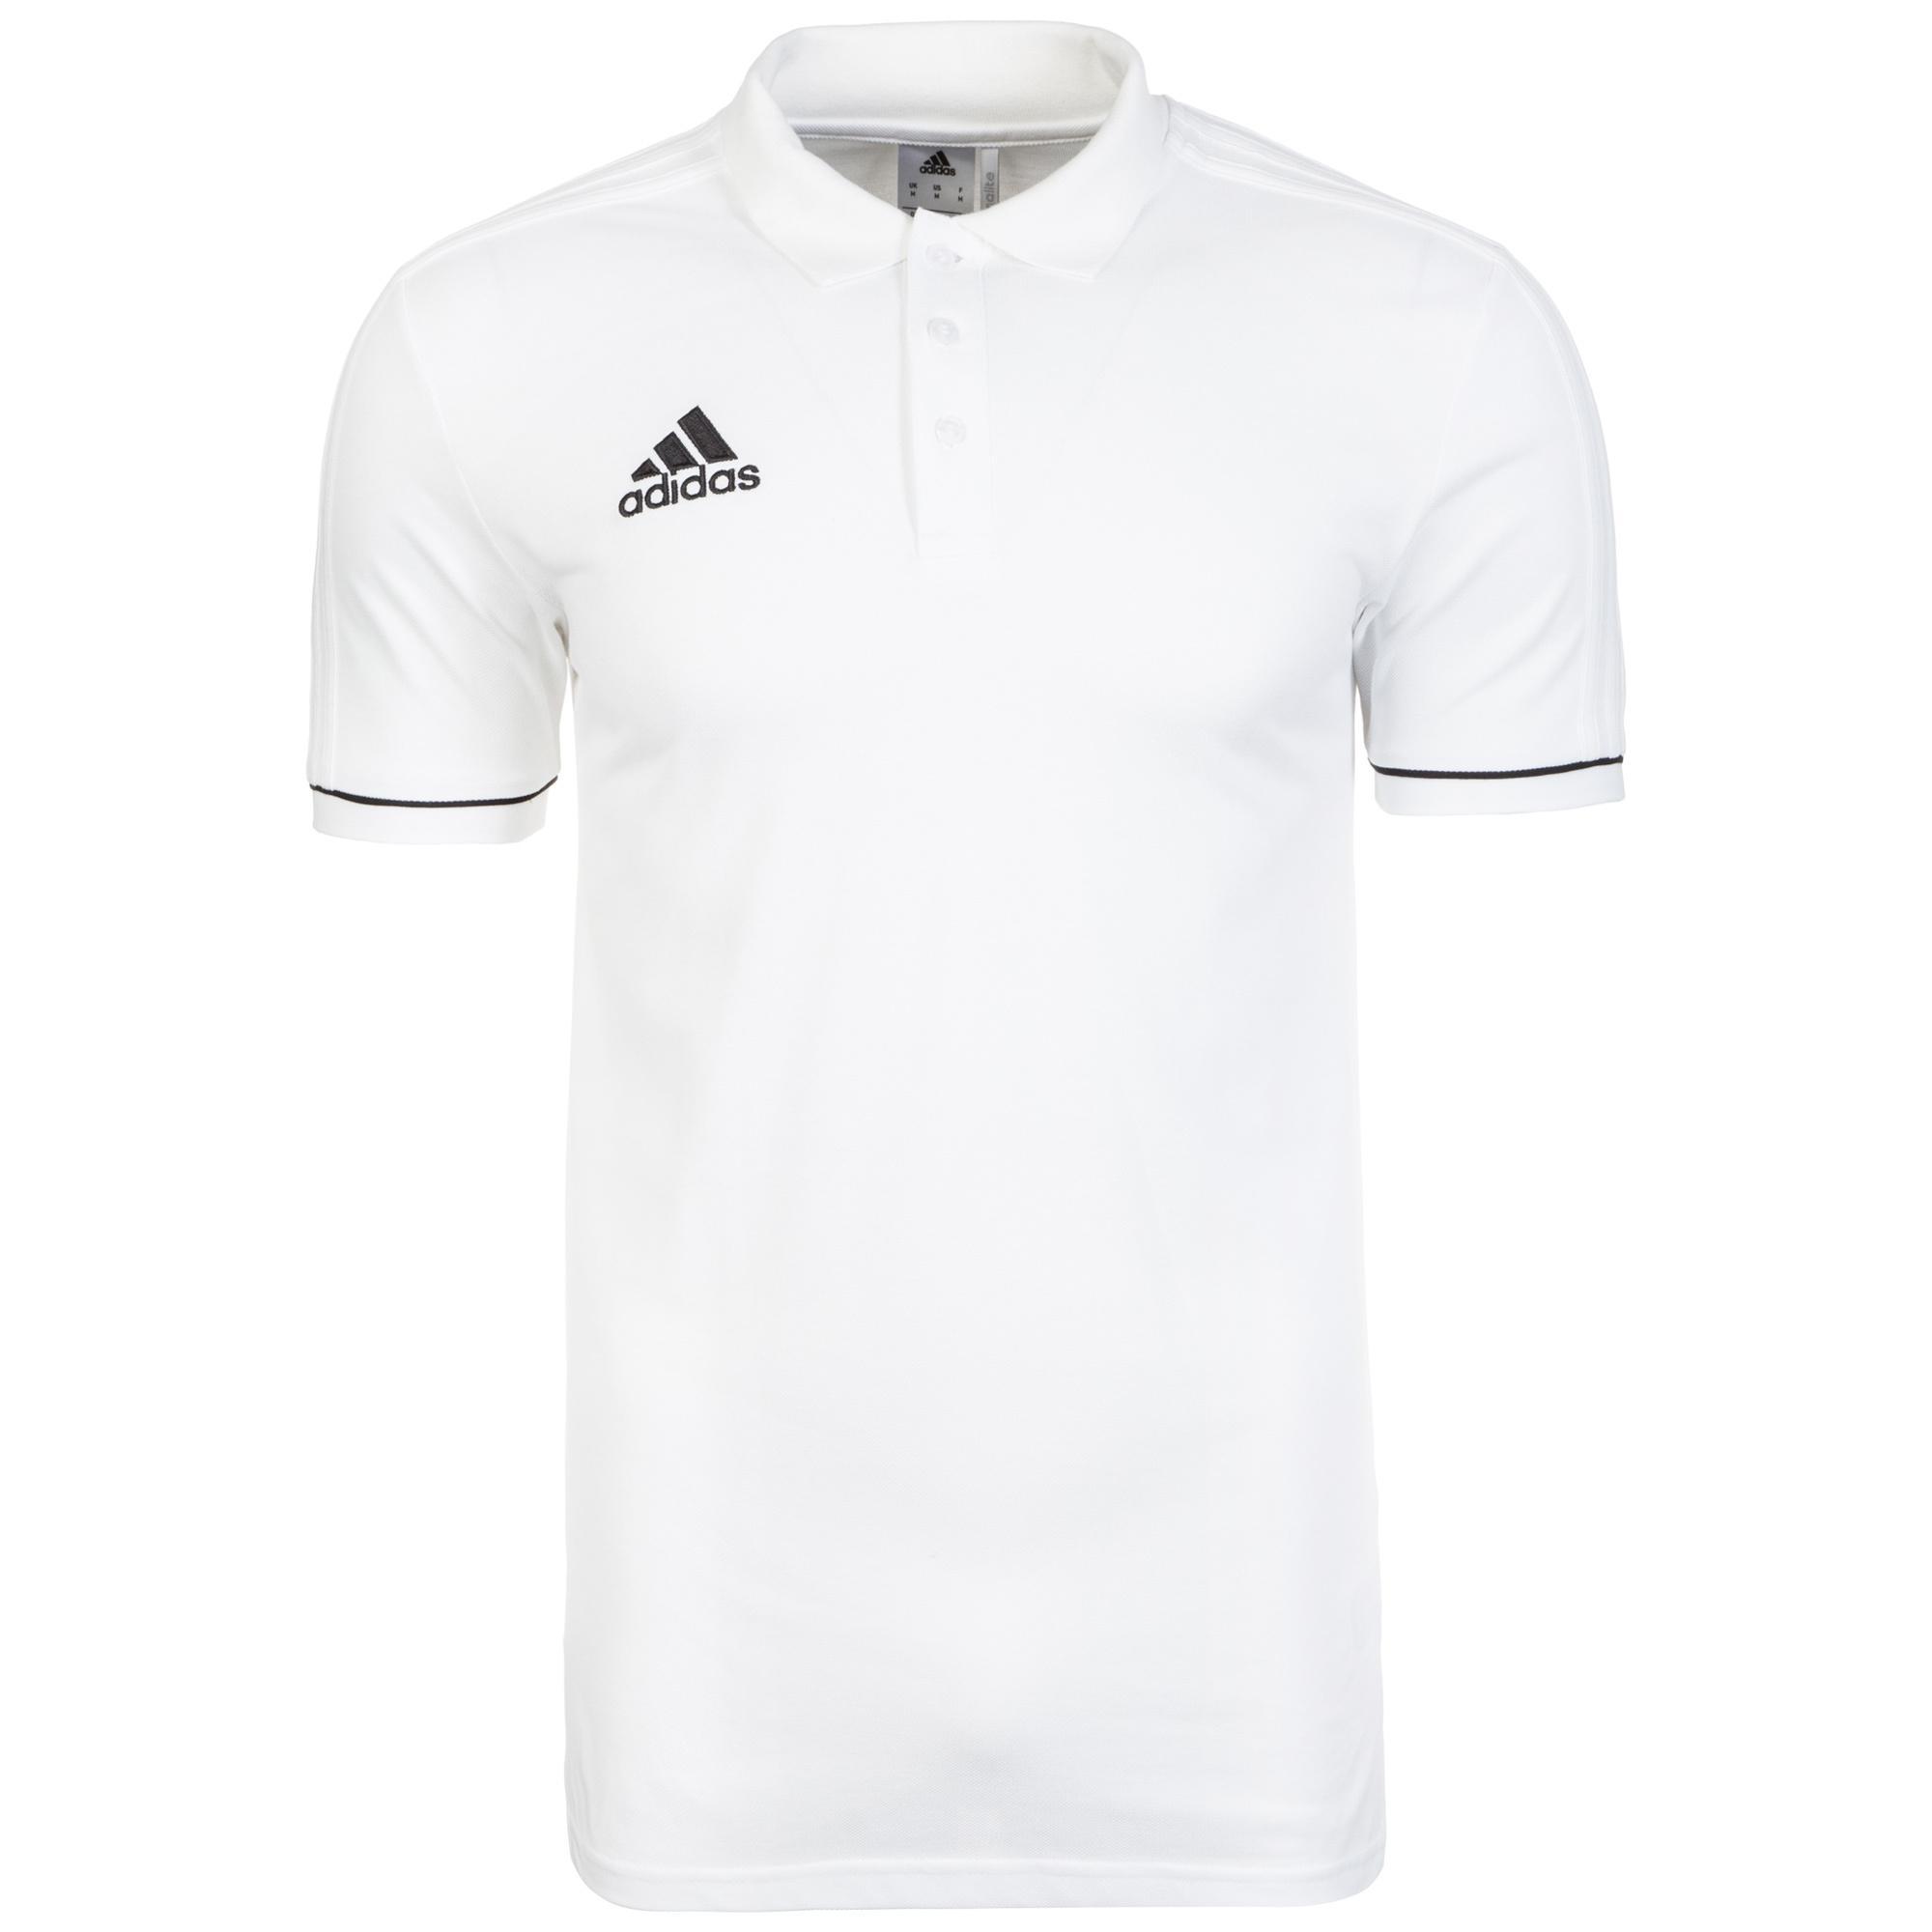 adidas Tiro 17 Poloshirt Herren weiß / schwarz im Online Shop von  SportScheck kaufen